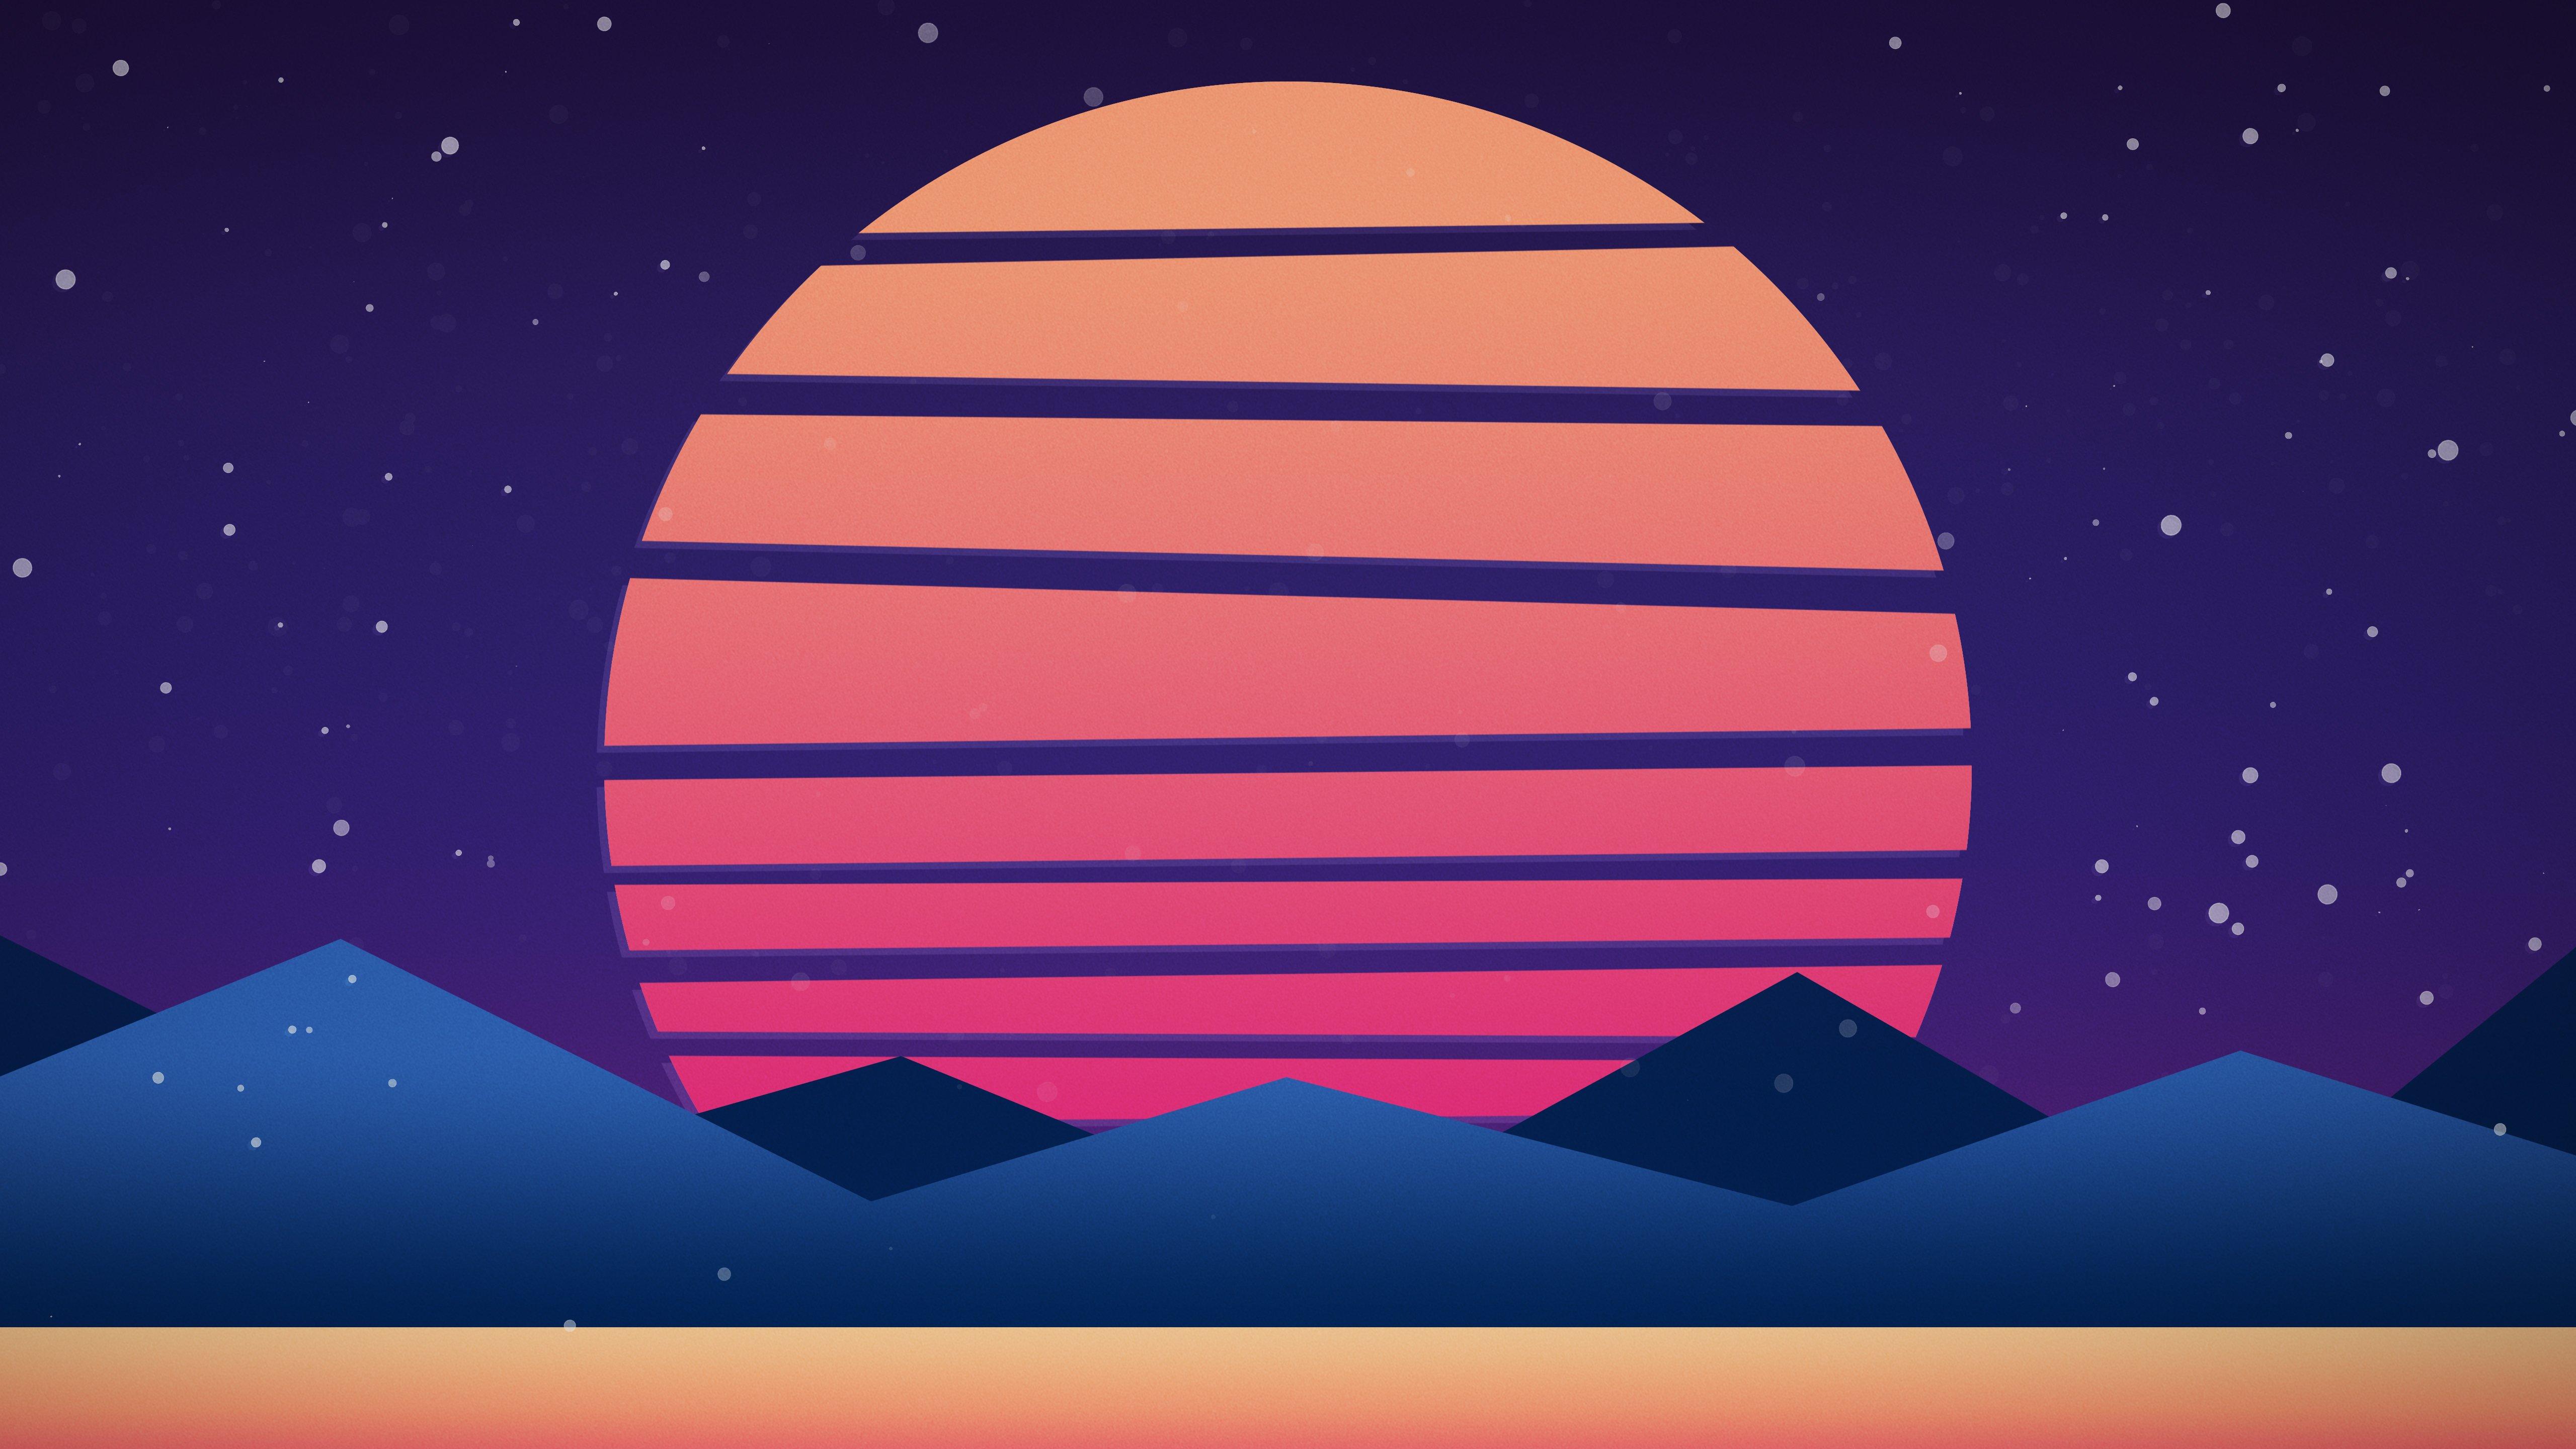 5k Synthwave Inspired Sunset 4k Wallpaper